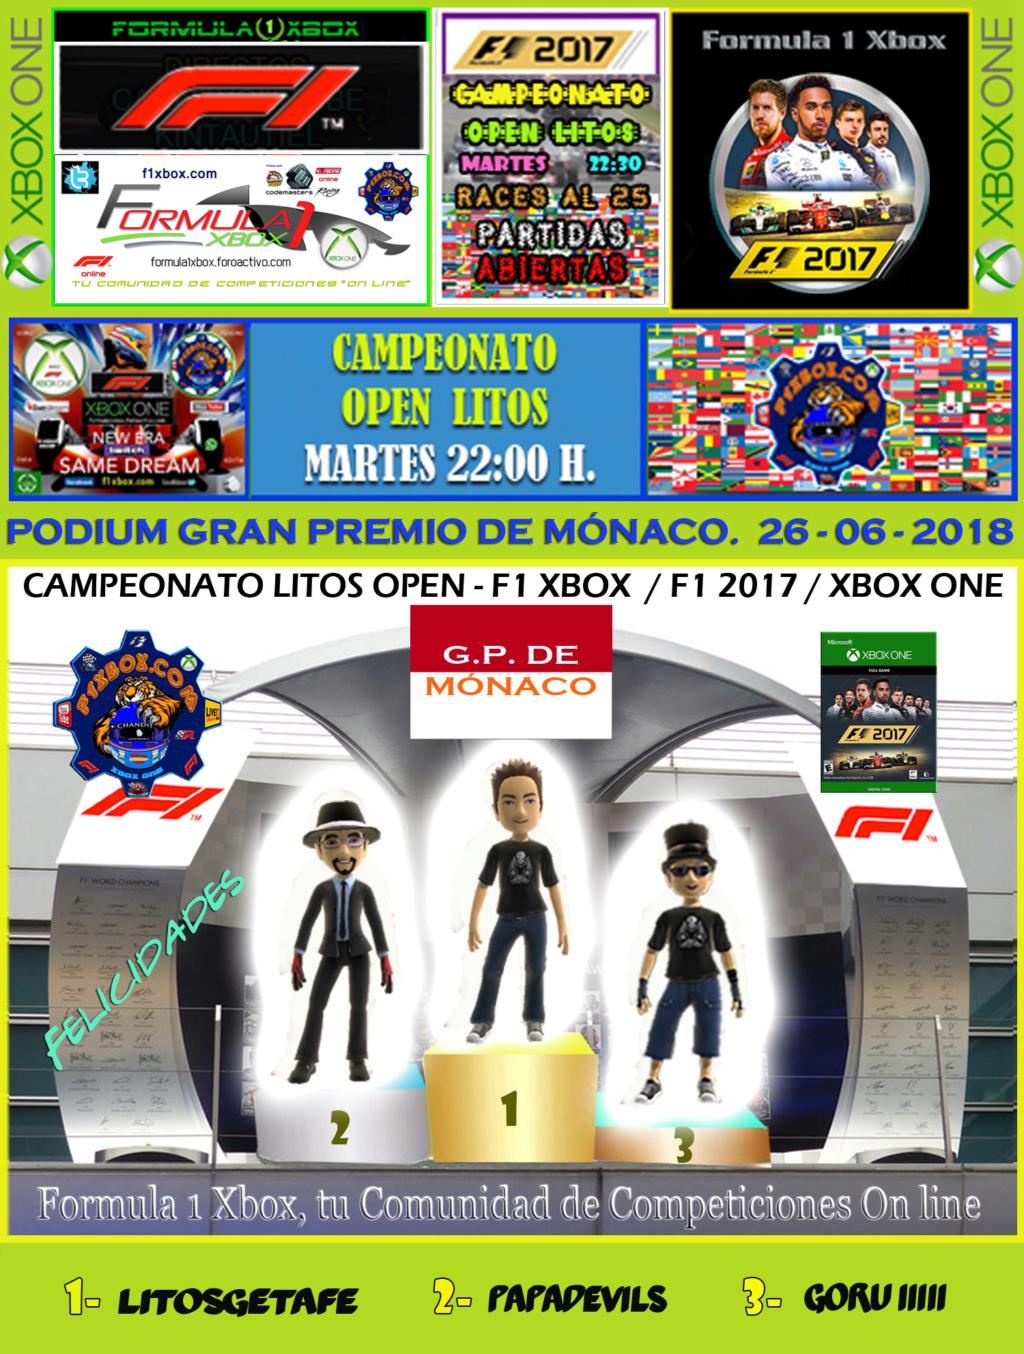 F1 2017 - XBOX ONE / CAMPEONATO OPEN LITOS - F1 XBOX / RESULTADOS Y PODIUM / G.P. DE MÓNACO + GP DE MALASIA / MARTES 26 - 06 - 2018. Podium19